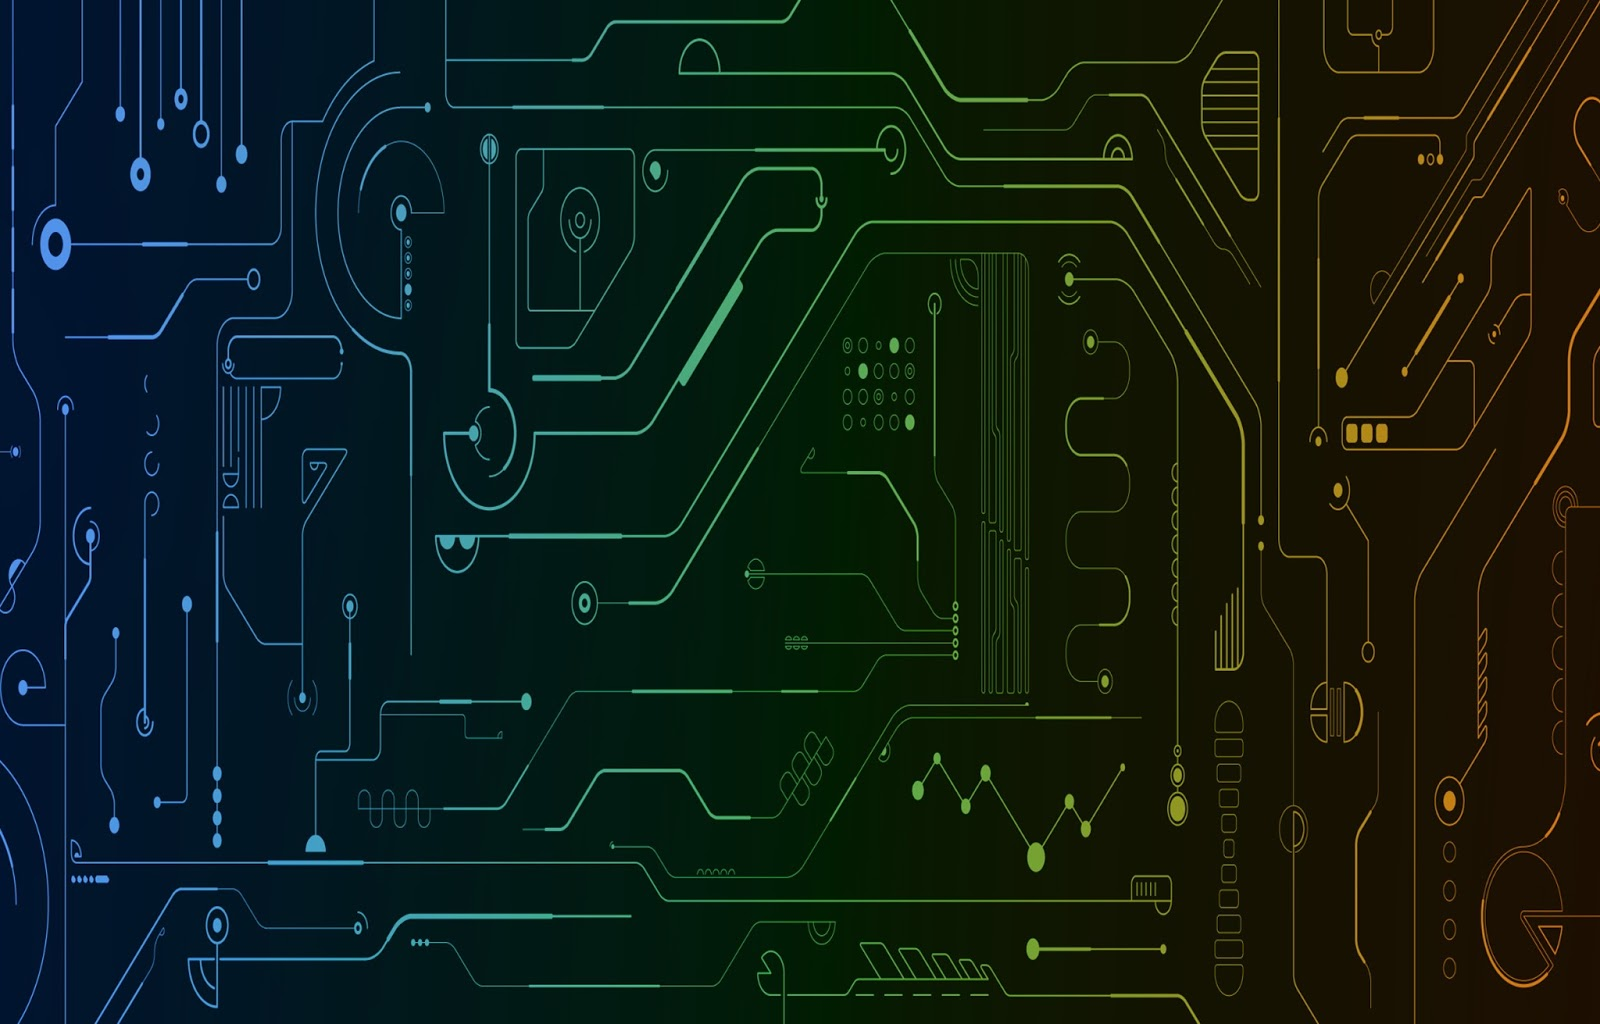 Circuit wallpaper hd wallpapersafari - Wallpaper 1600x1024 ...